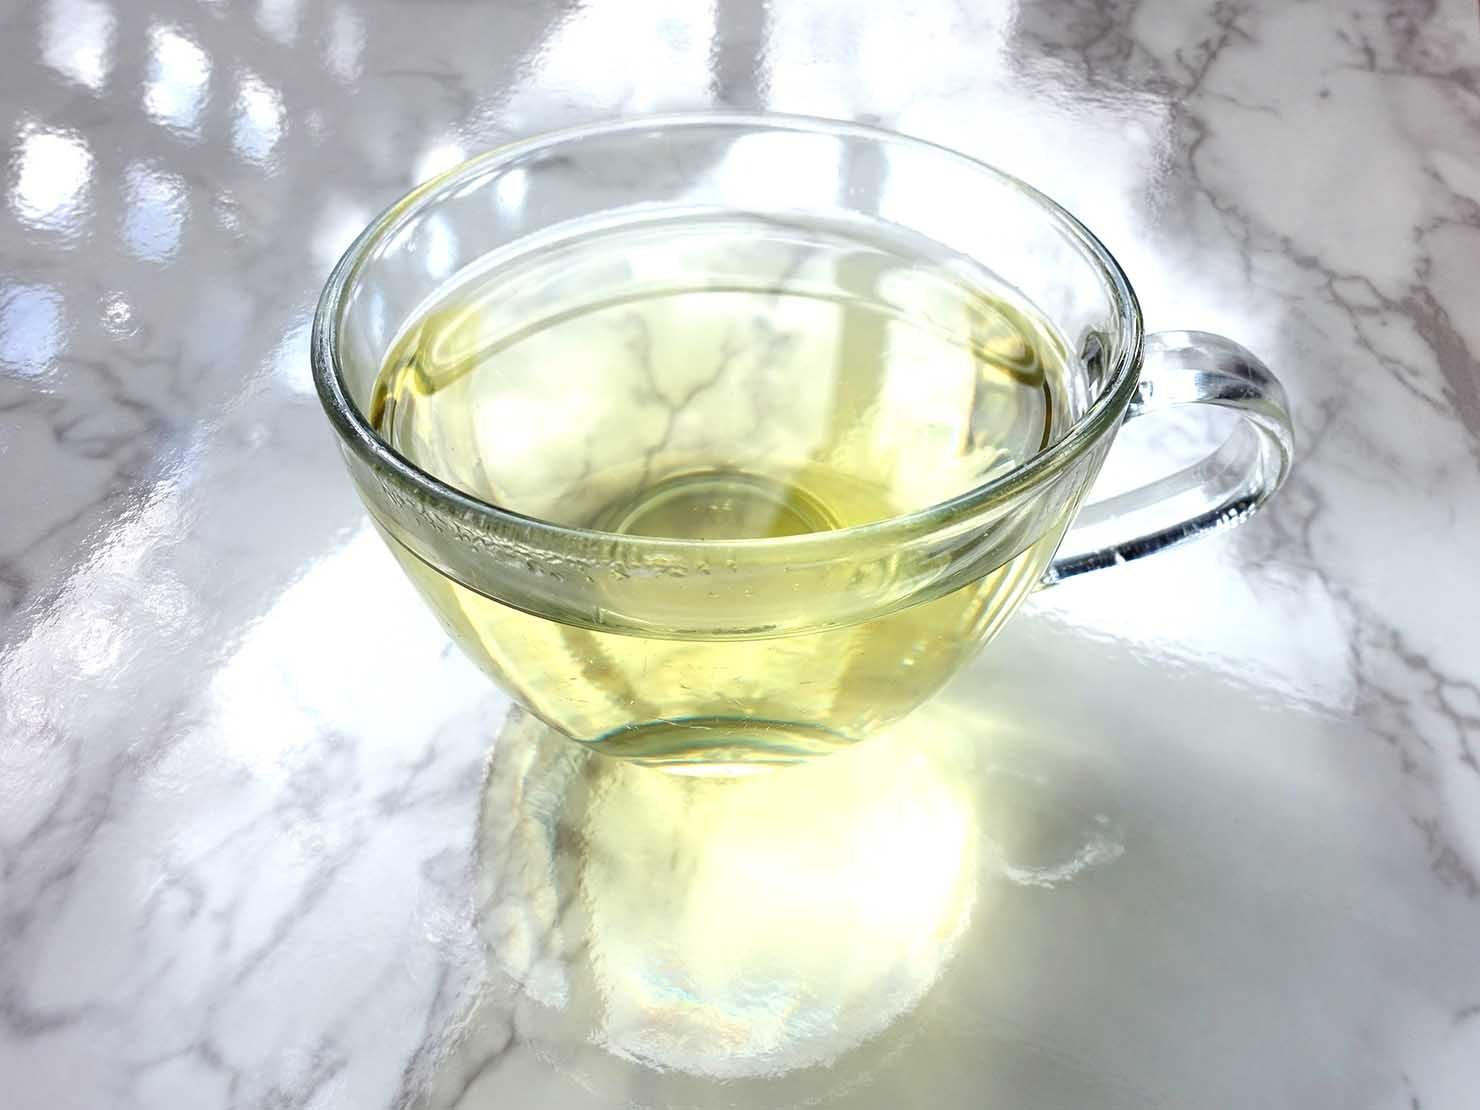 台北101エリアでのおみやげ探しにおすすめのショップ「好丘 Good Cho's」で買ったおみやげ・台湾茶パックで淹れたお茶